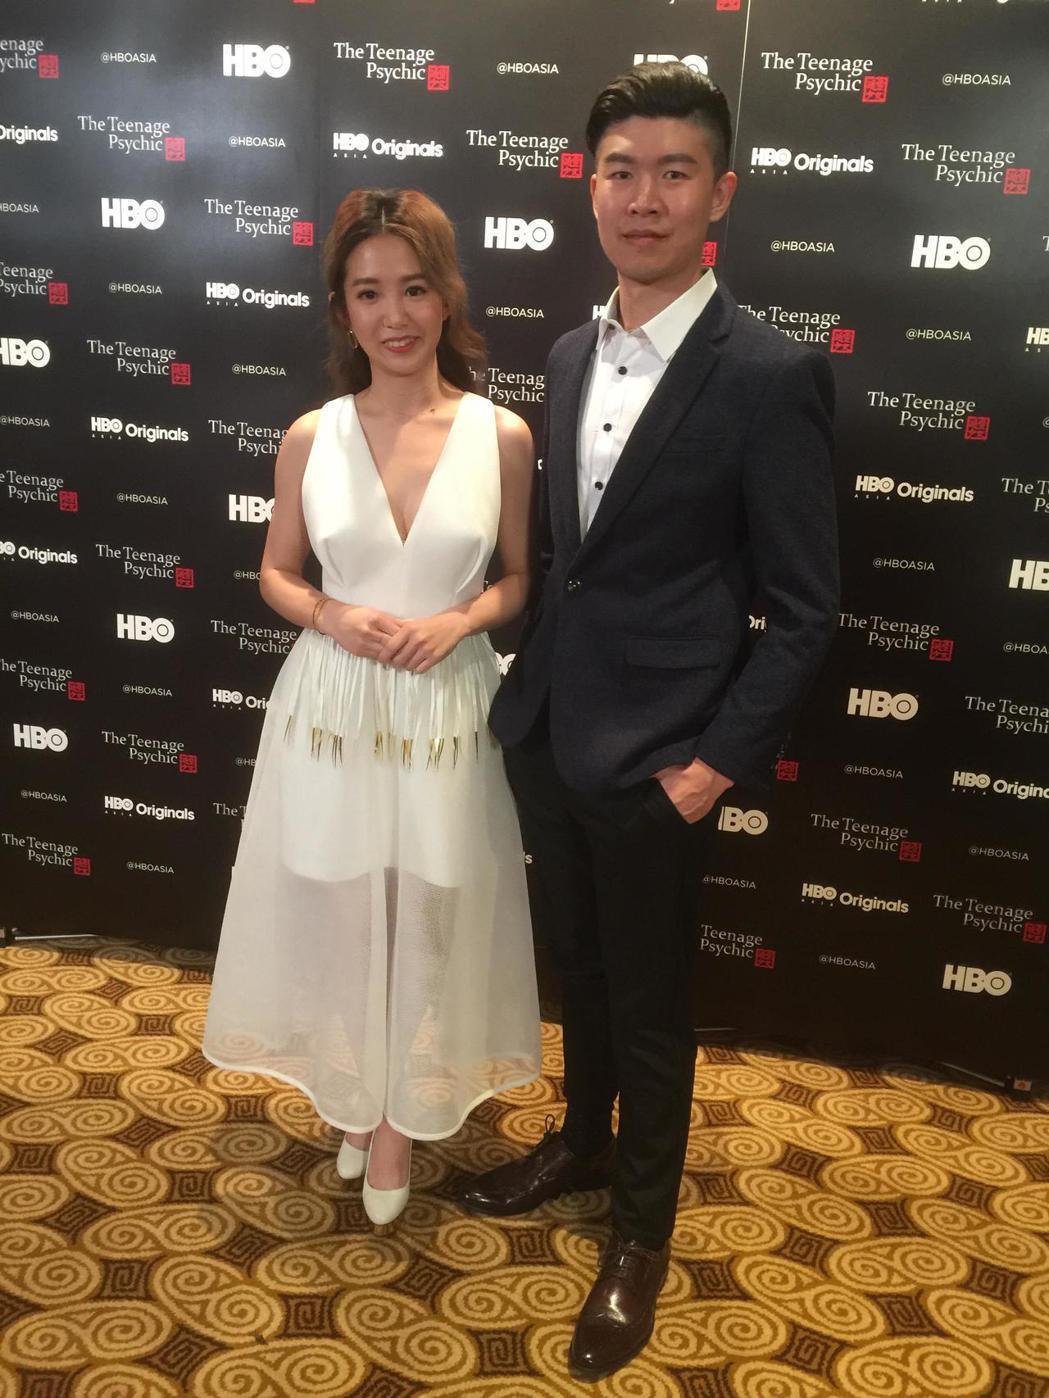 郭書瑤與陳和榆前往新加坡參加HBO ASIA新戲發布會。記者蘇詠智/攝影